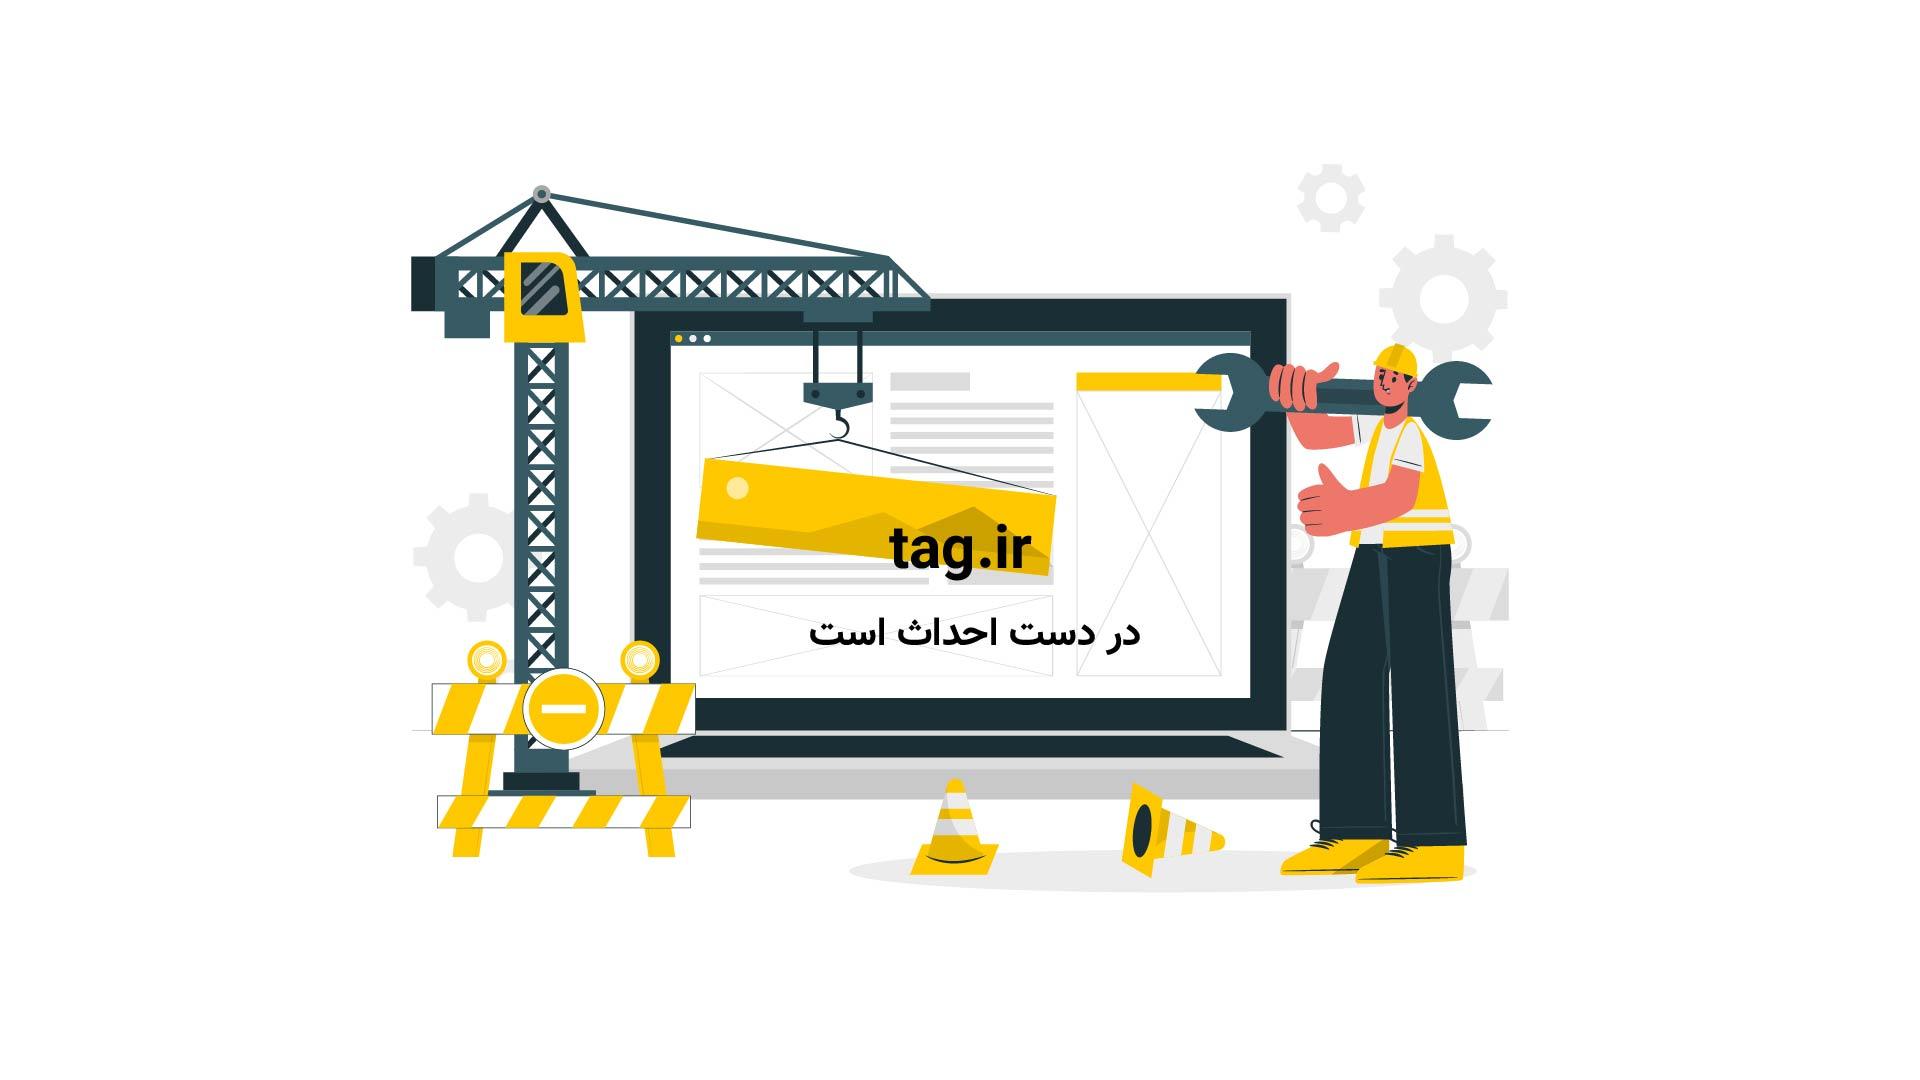 عناوین روزنامههای صبح شنبه 15 آبان | فیلم